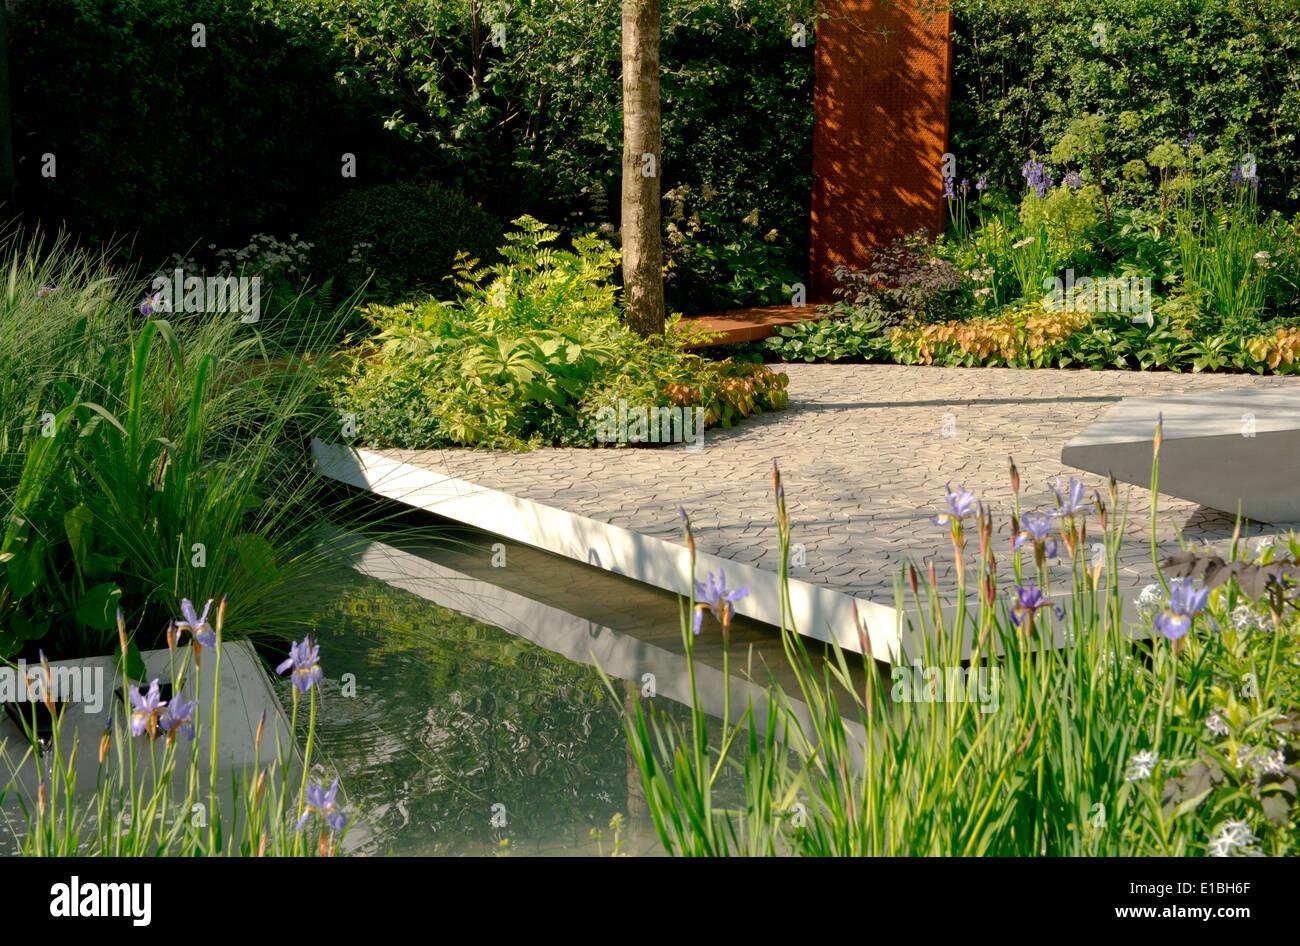 Die RBC Wasserlandschaft Garten ein Show-Garten Goldmedaillen-Gewinner auf der Chelsea Flower Show 2014, entworfen von Hugo Bugg Stockbild